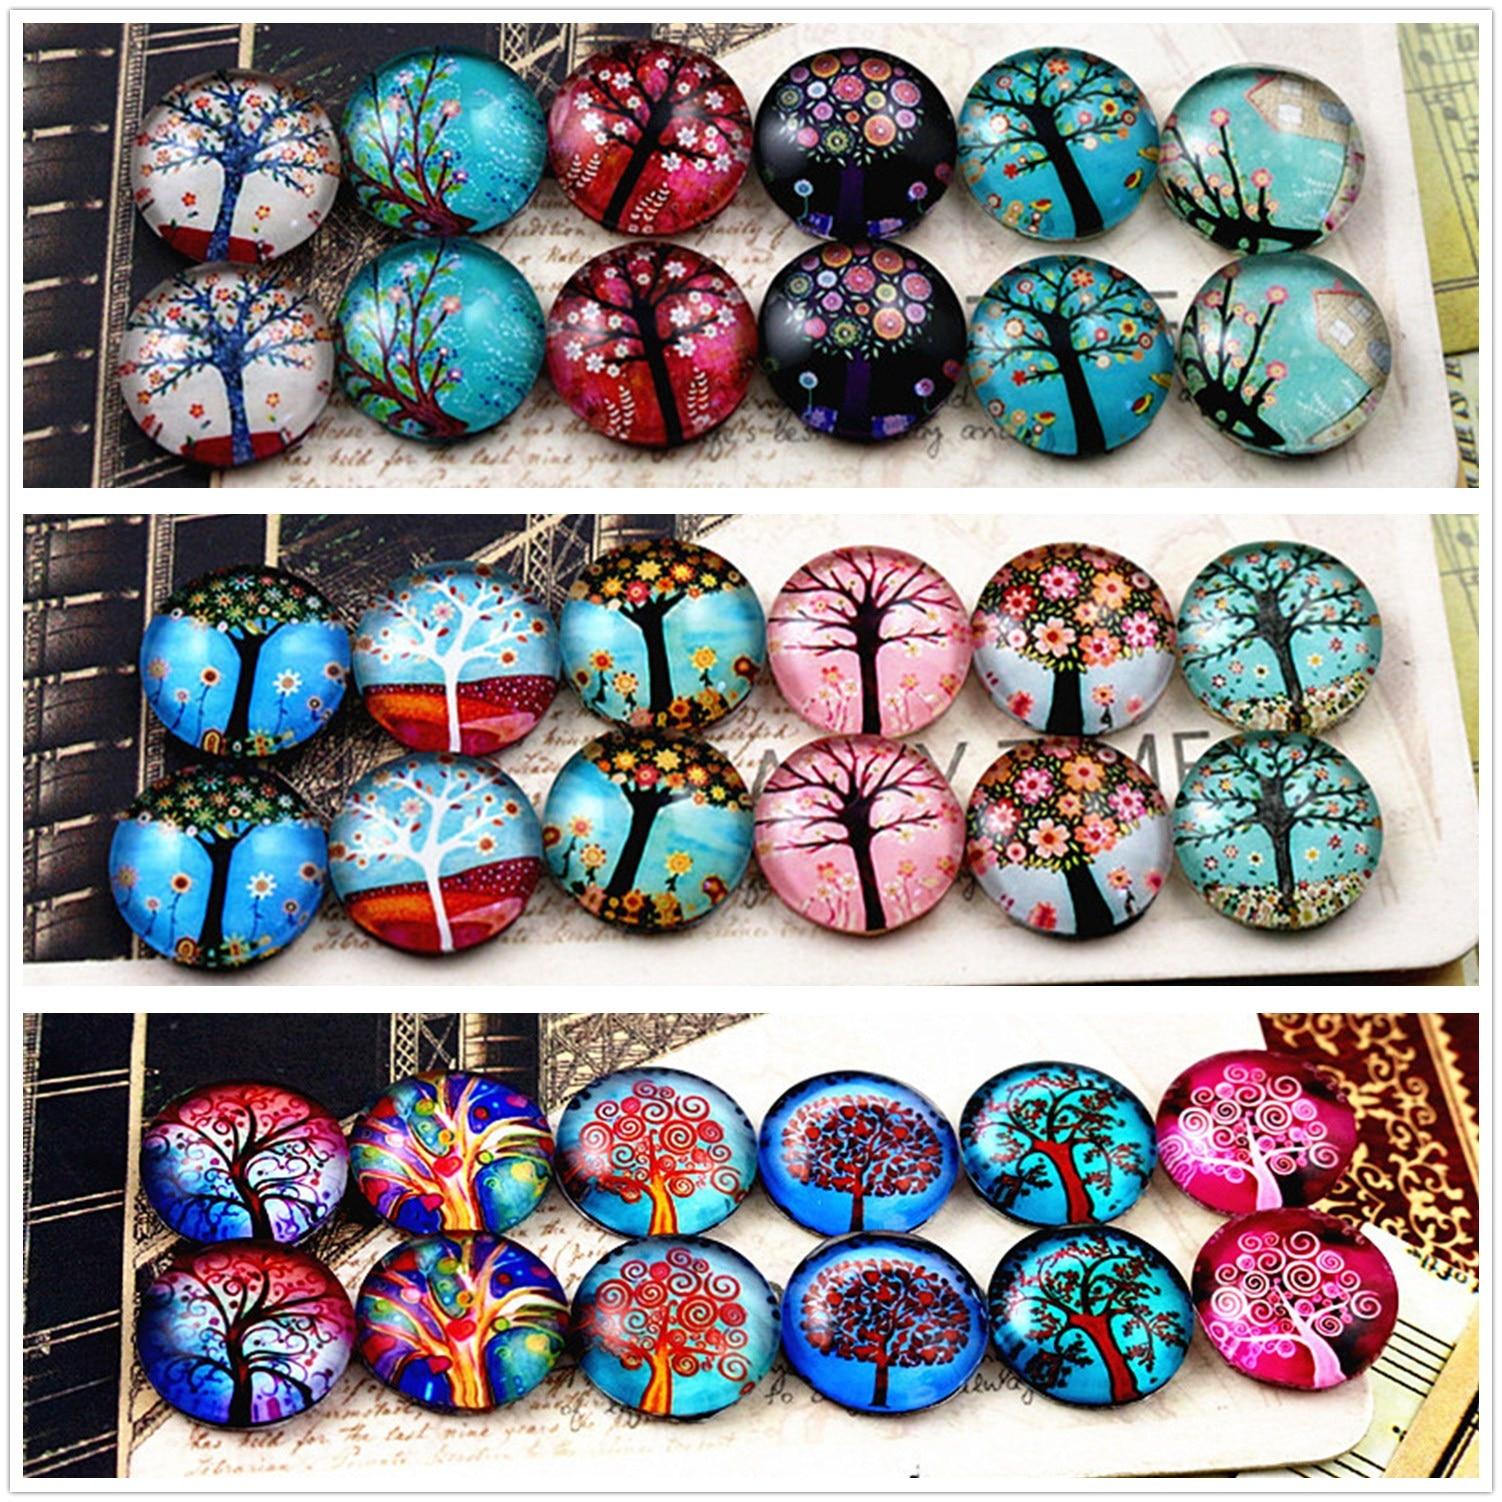 12 pçs/lote (um conjunto) três estilo caber 12mm moda árvore cabochons de vidro artesanal padrão cúpula acessórios jóias suprimentos